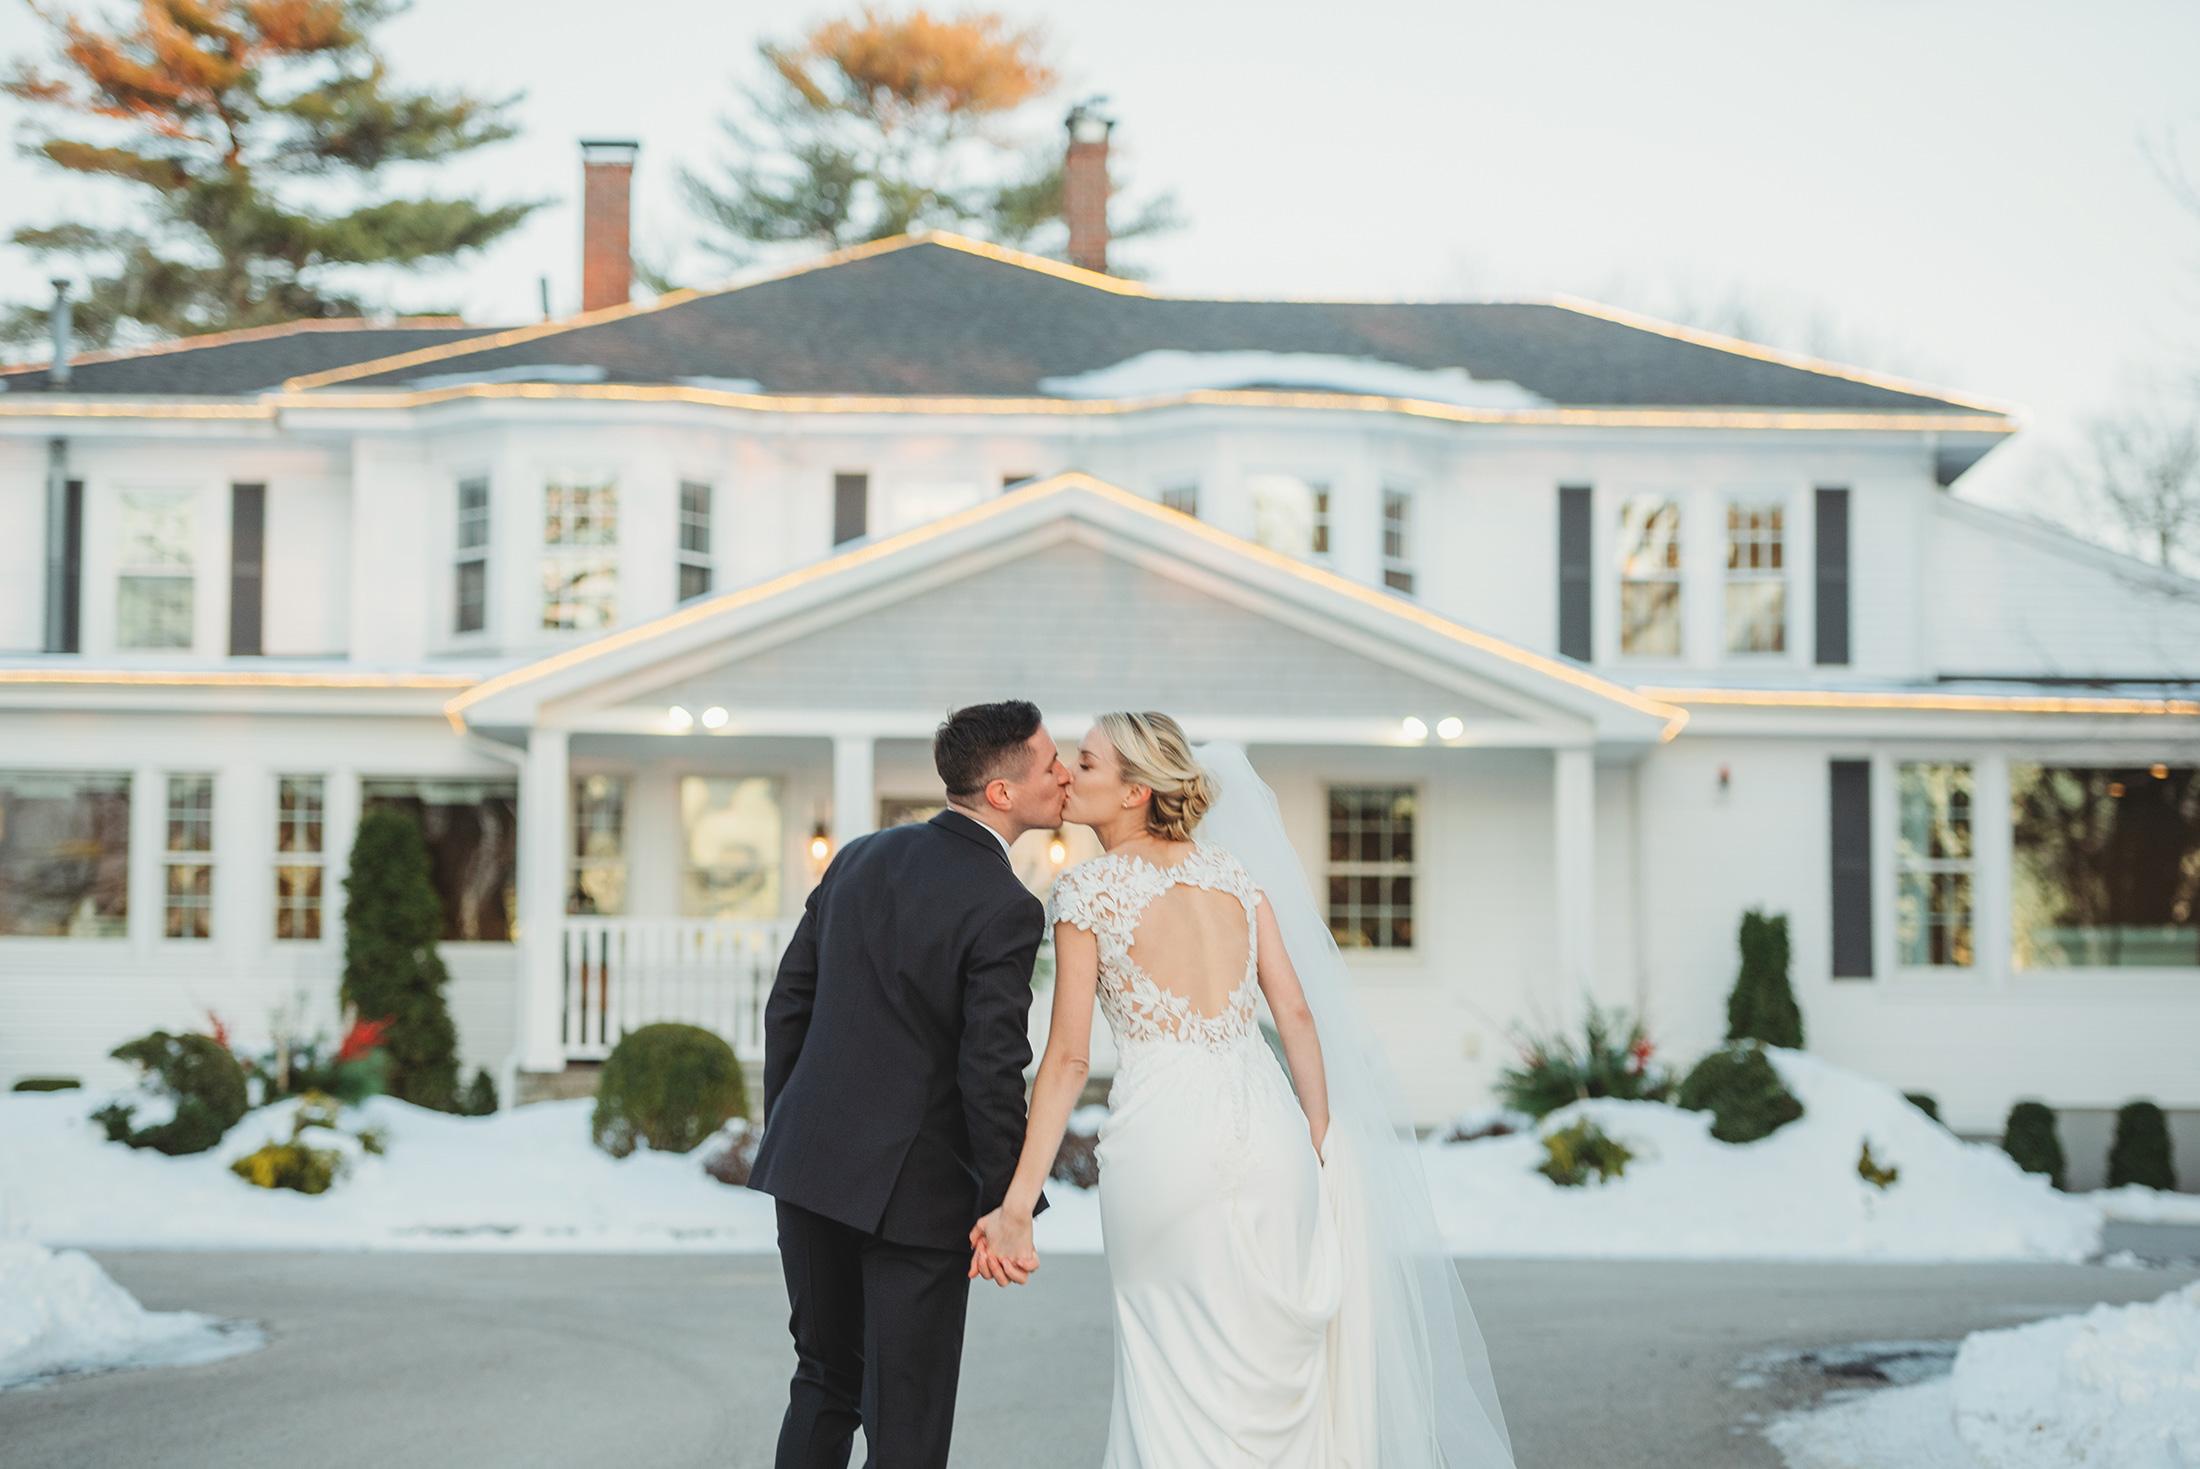 Gorgeous winter wedding at Saphire Estate near Boston